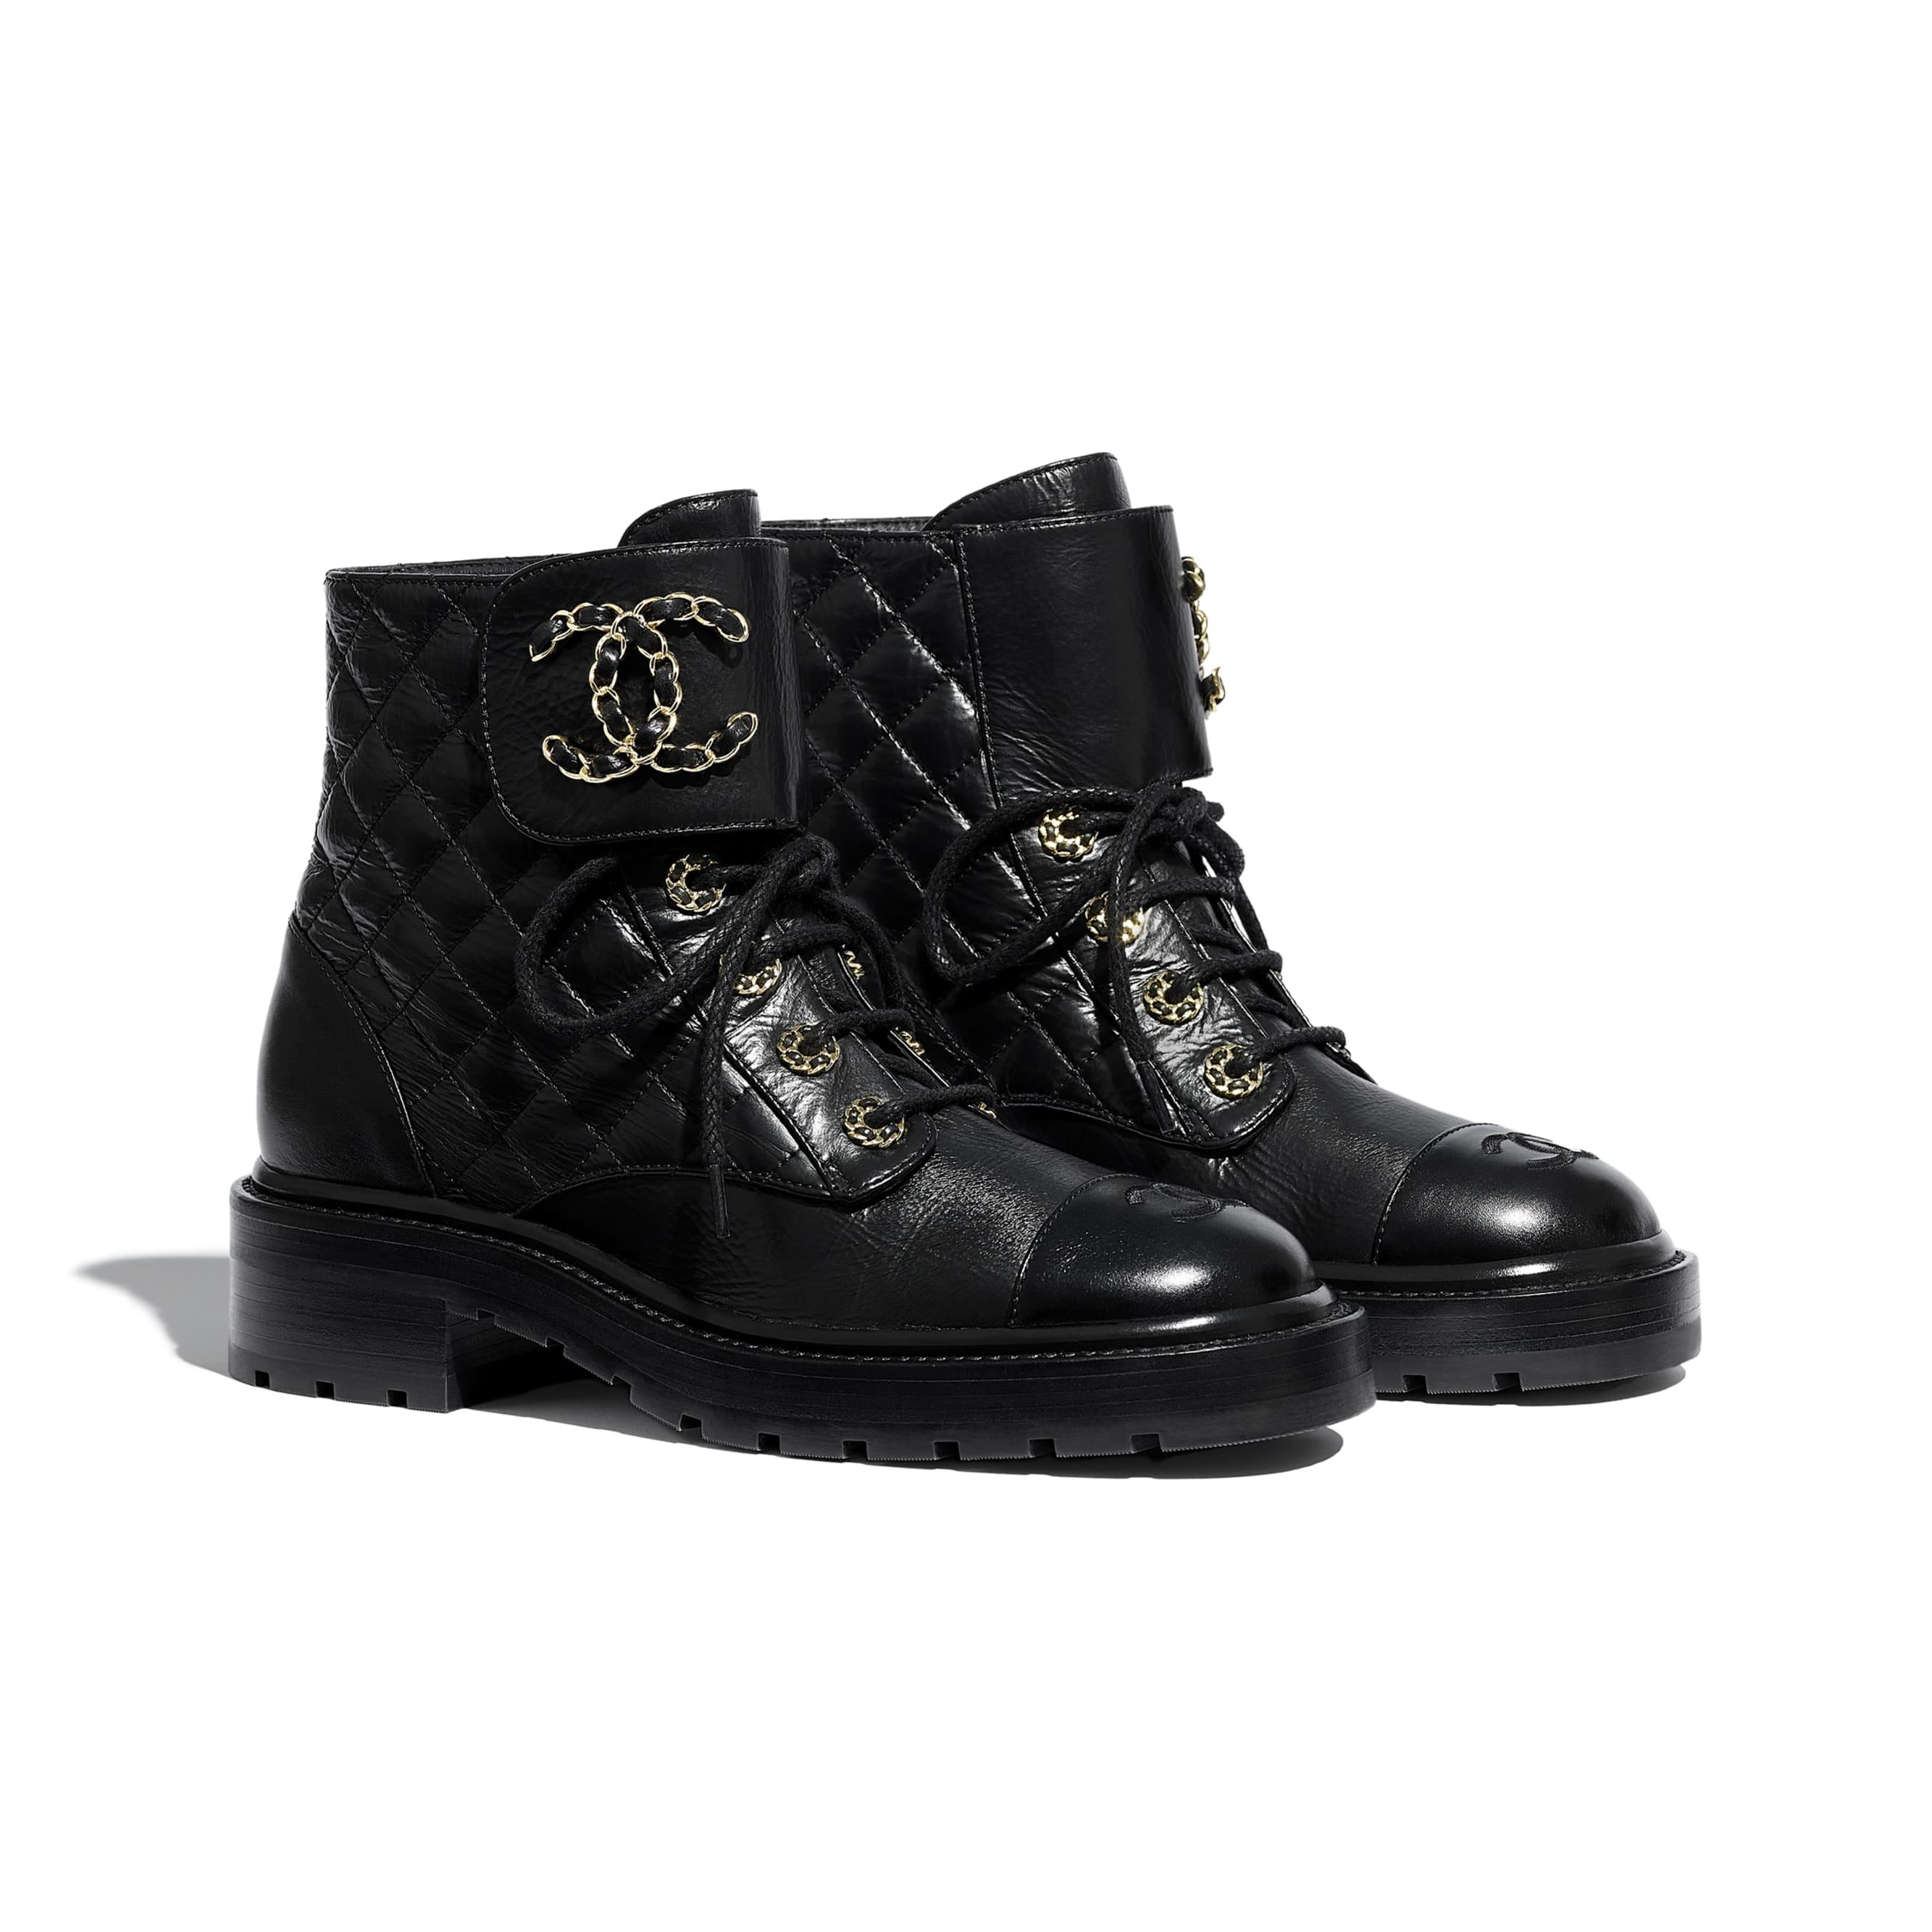 รองเท้าหุ้มส้นผูกเชือก - สีดำ - หนังแพะเคลือบเงาและหนังลูกวัว - CHANEL - มุมมองทางอื่น - ดูเวอร์ชันขนาดมาตรฐาน